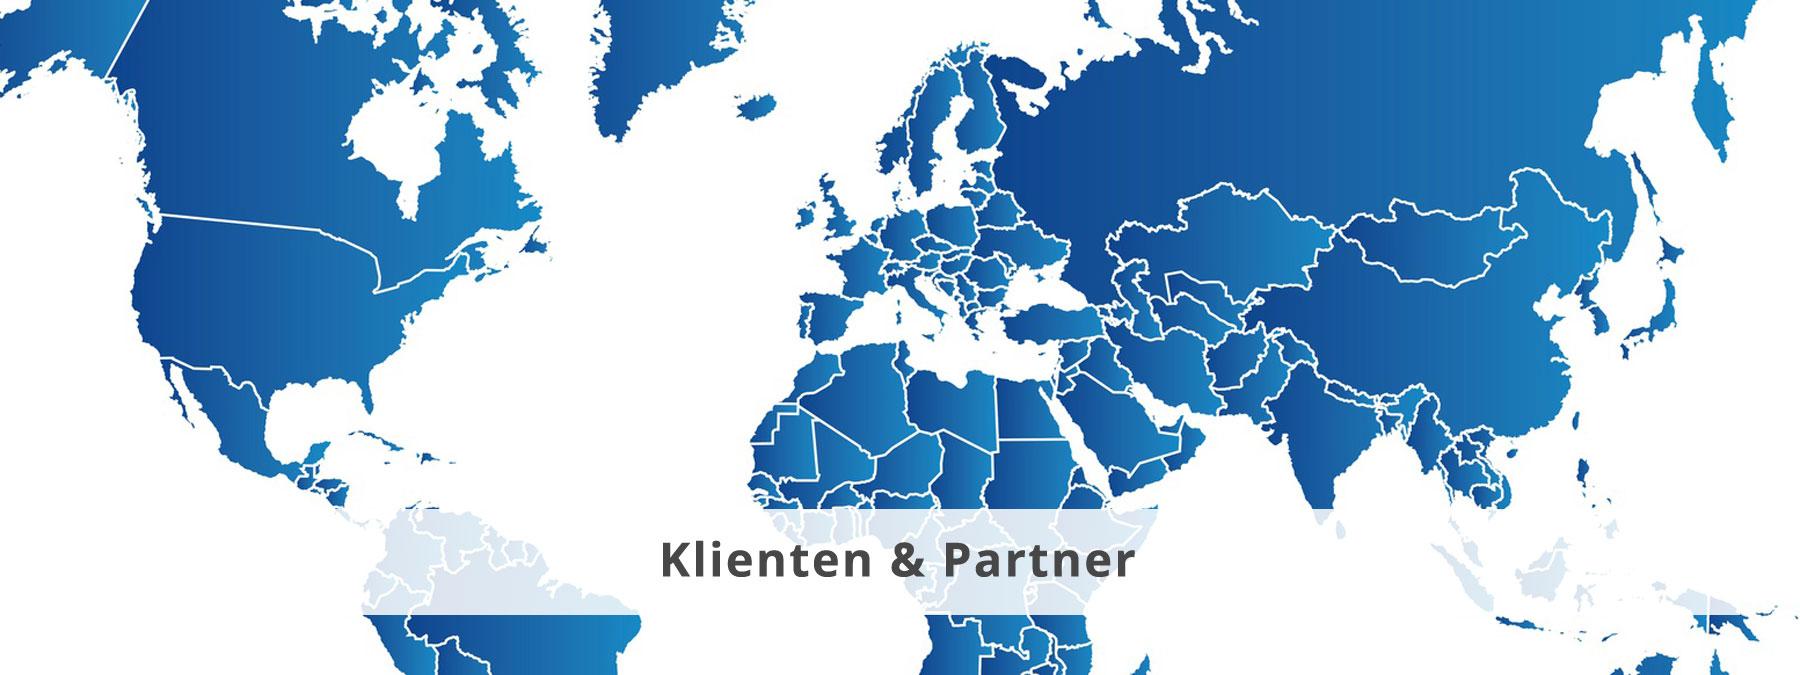 Klienten & Partner